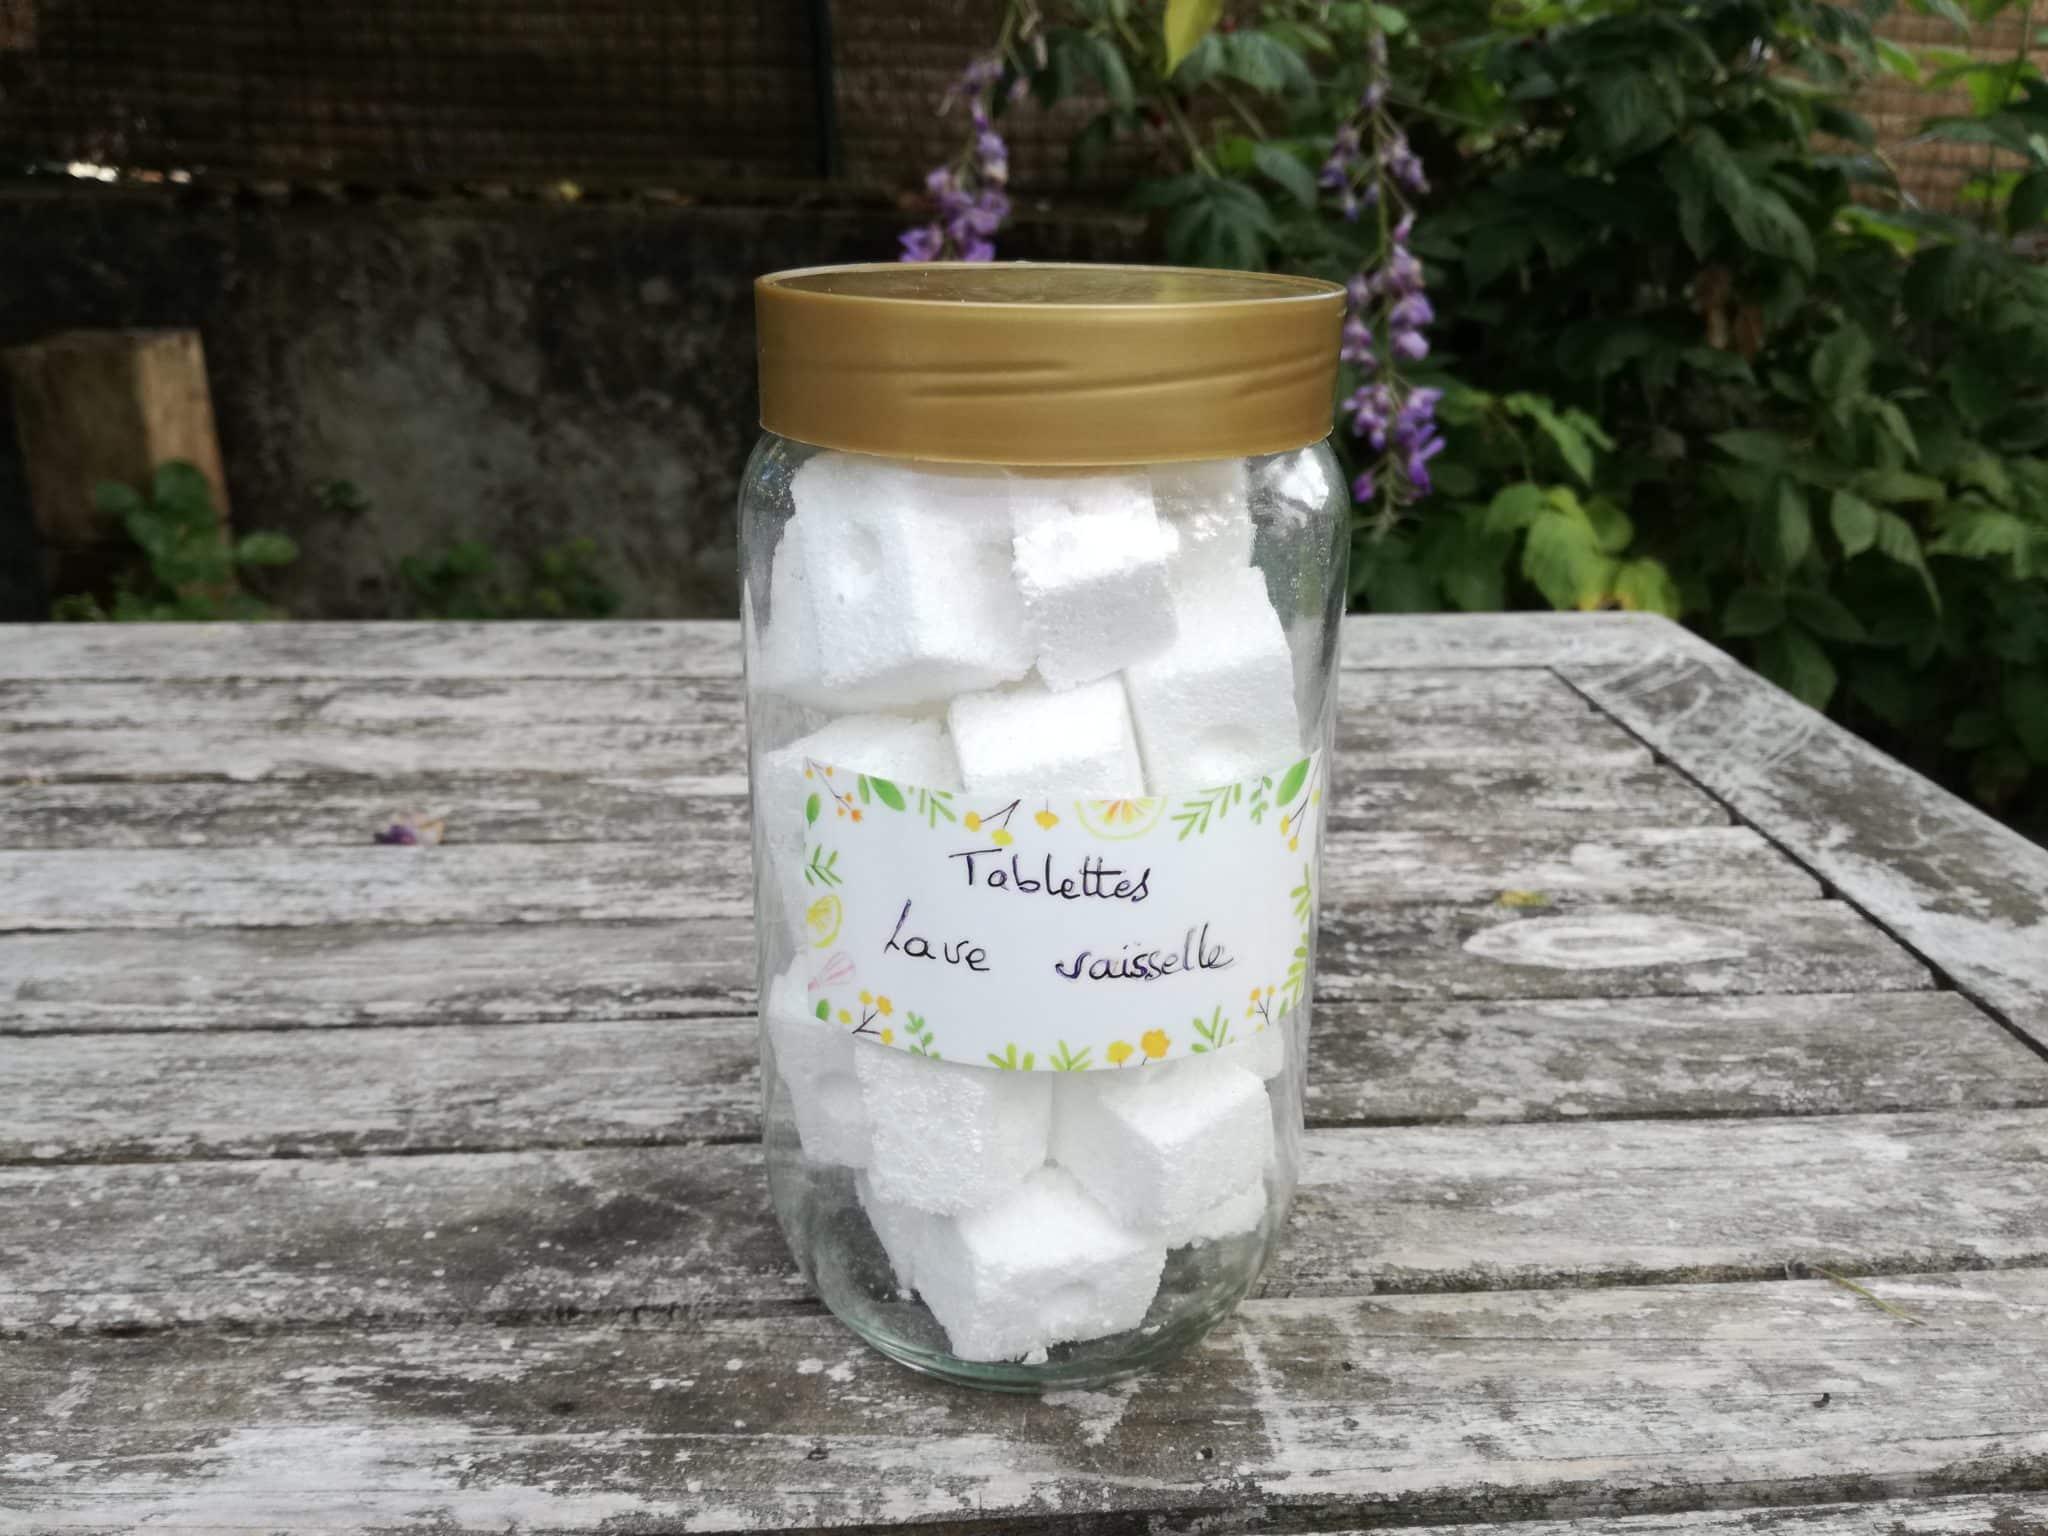 Fabriquer Nettoyant Lave Vaisselle faire ses propres tablettes de lave-vaisselle - le blog de kline